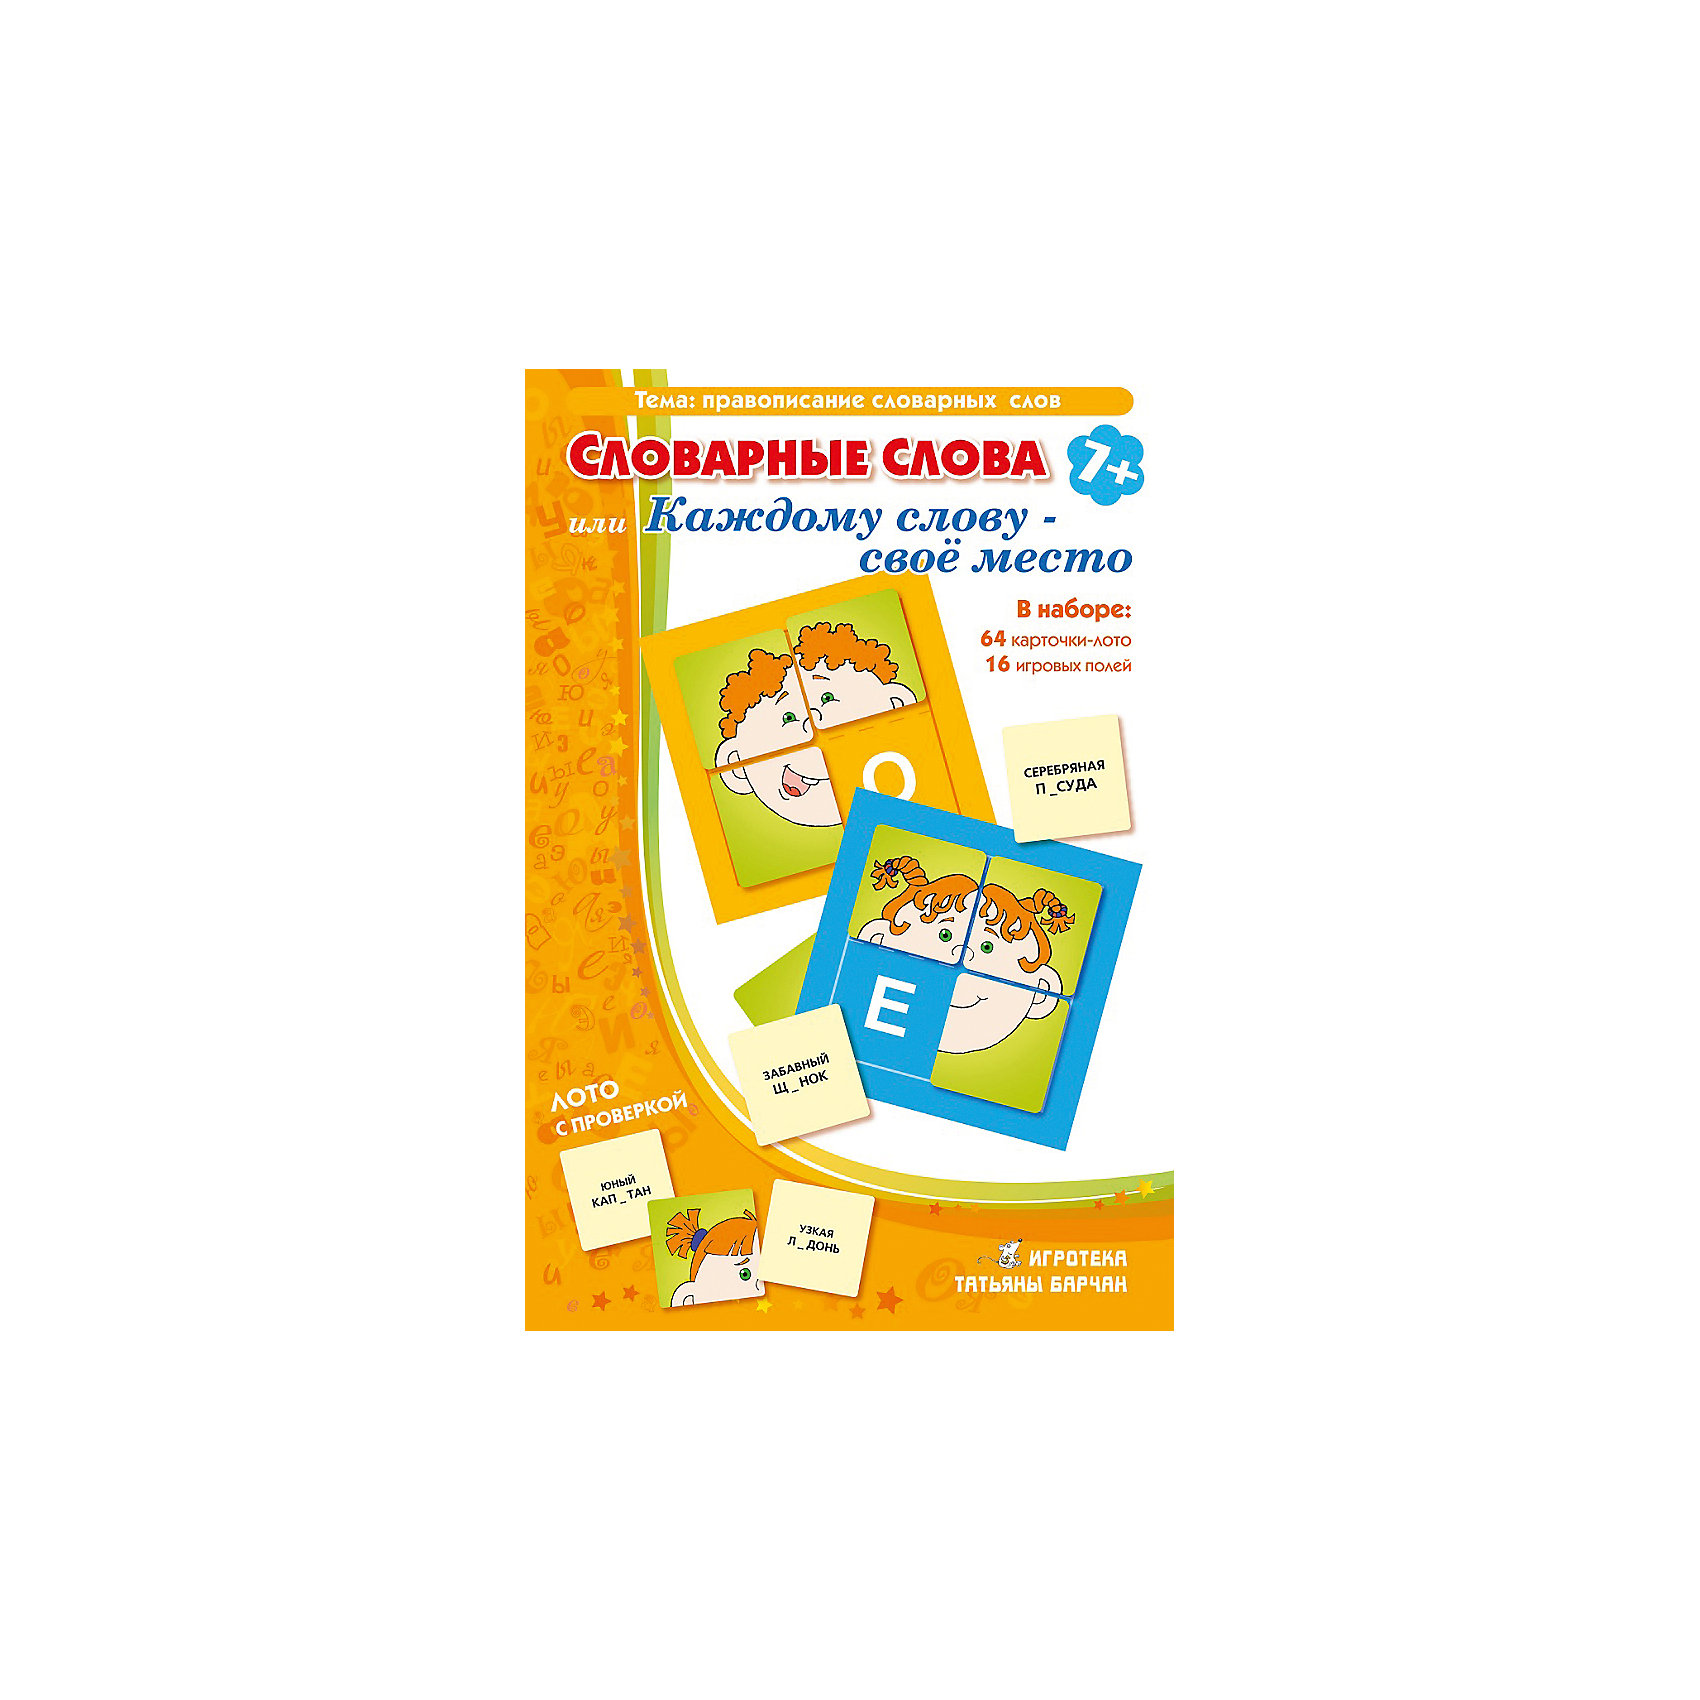 Словарные слова или Каждому слову – своё место, Игротека Татьяны БарчанЛото<br>Словарные слова или Каждому слову – своё место, Игротека Татьяны Барчан.<br><br>Характеристики:<br><br>• Для детей в возрасте: от 7 до 10 лет<br>• В комплекте: 64 маленьких карточки со словами, в которых пропущены гласные (словарные слова), 16 больших карточек с гласными А, О, Е, И<br>• Тема: Правописание словарных слов<br>• Материал: плотный качественный картон<br>• Производитель: ЦОТР Ребус (Россия)<br>• Упаковка: картонная коробка<br>• Размер упаковки: 184х138х30 мм.<br>• Вес: 174 гр.<br><br>Увлекательная игра-лото «Каждому слову - свое место» пополнит словарный запас детей, разовьет память и речь. В наборе: 16 больших карточек с буквами, 64 маленькие карточки со словарными словами, в которых пропущены буквы в корне слова. В начале игры ведущий раздает поровну большие карточки, затем читает слово на маленькой карточке. Задача играющего - правильно определить пропущенную букву в слове на маленькой карточке. <br><br>В конце игры ребята смогут проверить свои ответы, перевернув маленькие карточки, полученные в ходе игры, и сложить из них забавную рожицу. Части этой рожицы взаимозаменяемы: не важно, что с одной стороны торчит косица, а с другой - коротко постриженная прядь! Главное, глаза и уши на своем месте - значит, буквы тоже подобраны правильно.<br><br>Игру Словарные слова или Каждому слову – своё место, Игротека Татьяны Барчан можно купить в нашем интернет-магазине.<br><br>Ширина мм: 270<br>Глубина мм: 180<br>Высота мм: 40<br>Вес г: 313<br>Возраст от месяцев: 84<br>Возраст до месяцев: 120<br>Пол: Унисекс<br>Возраст: Детский<br>SKU: 6751318